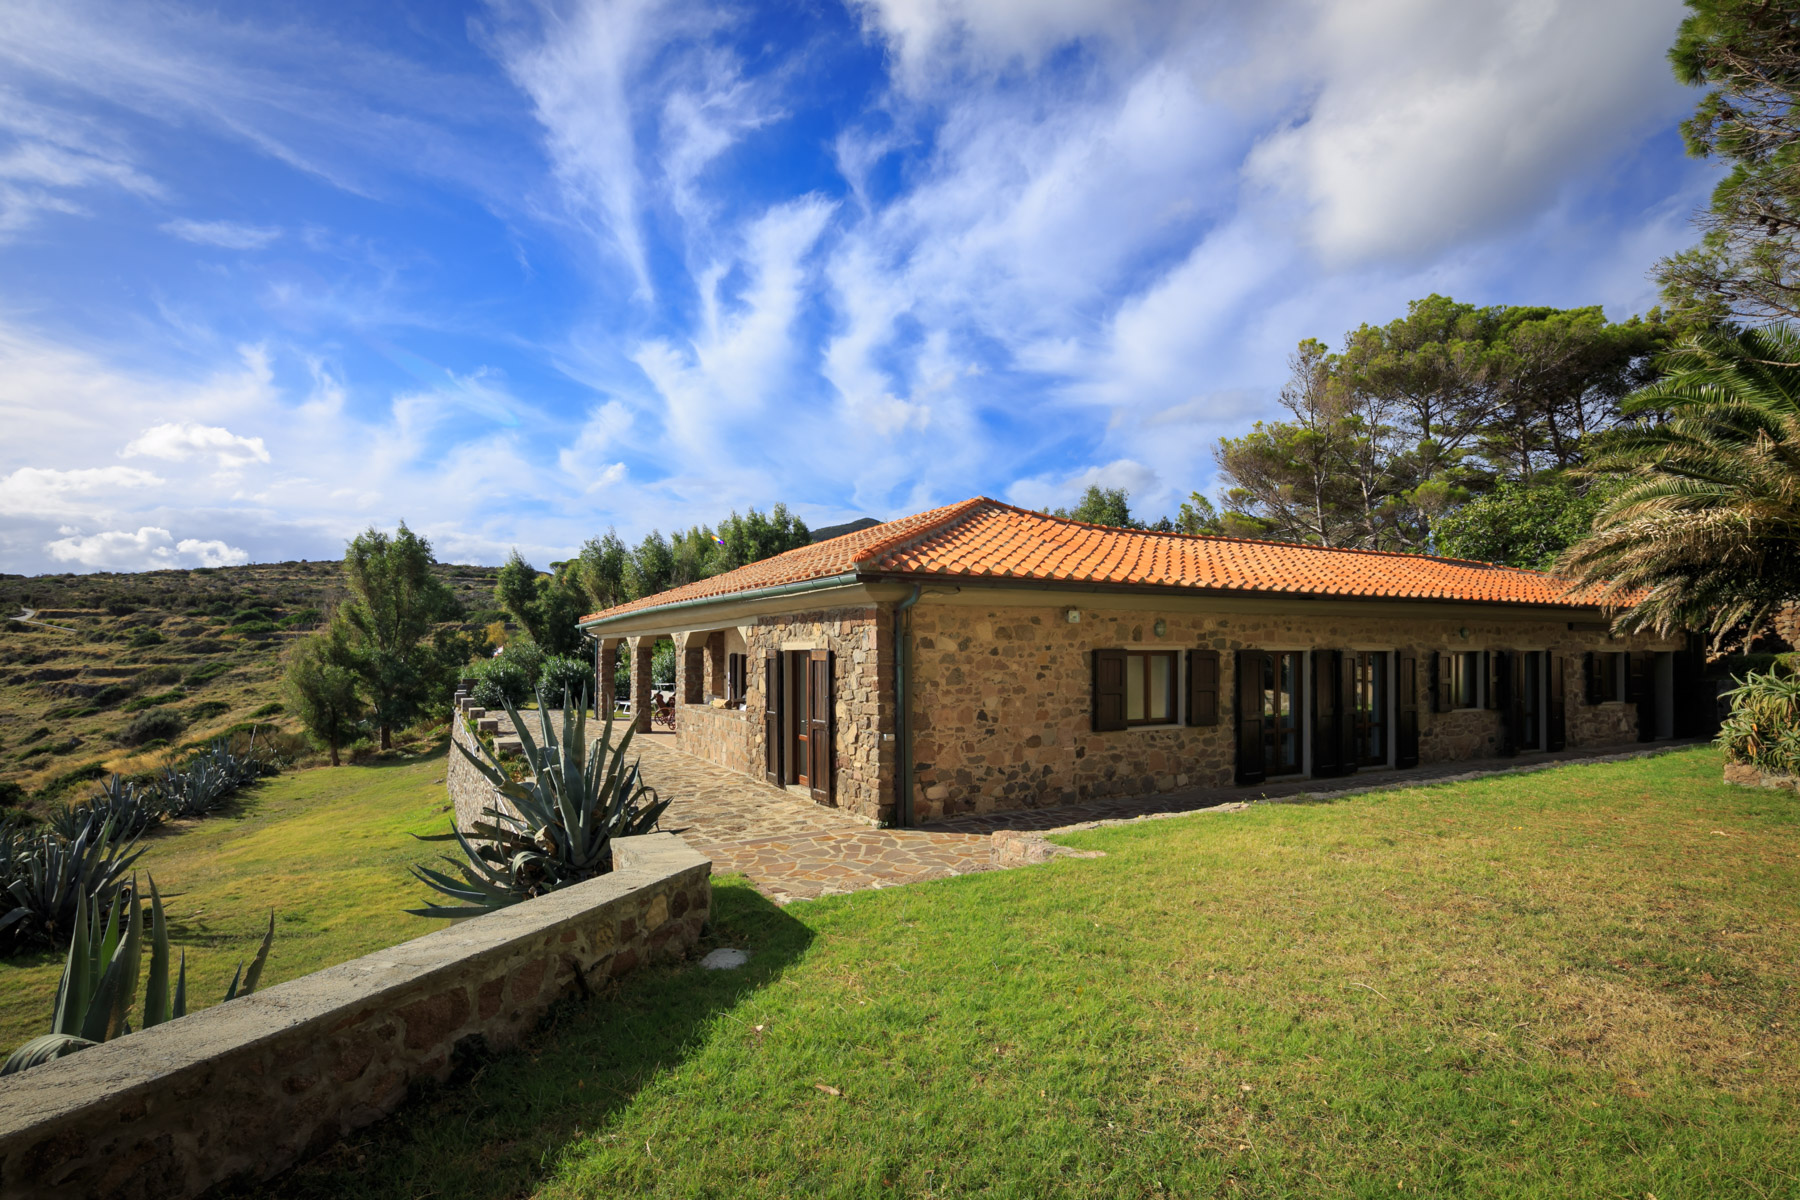 Villa in Vendita a Capraia Isola: 5 locali, 320 mq - Foto 3